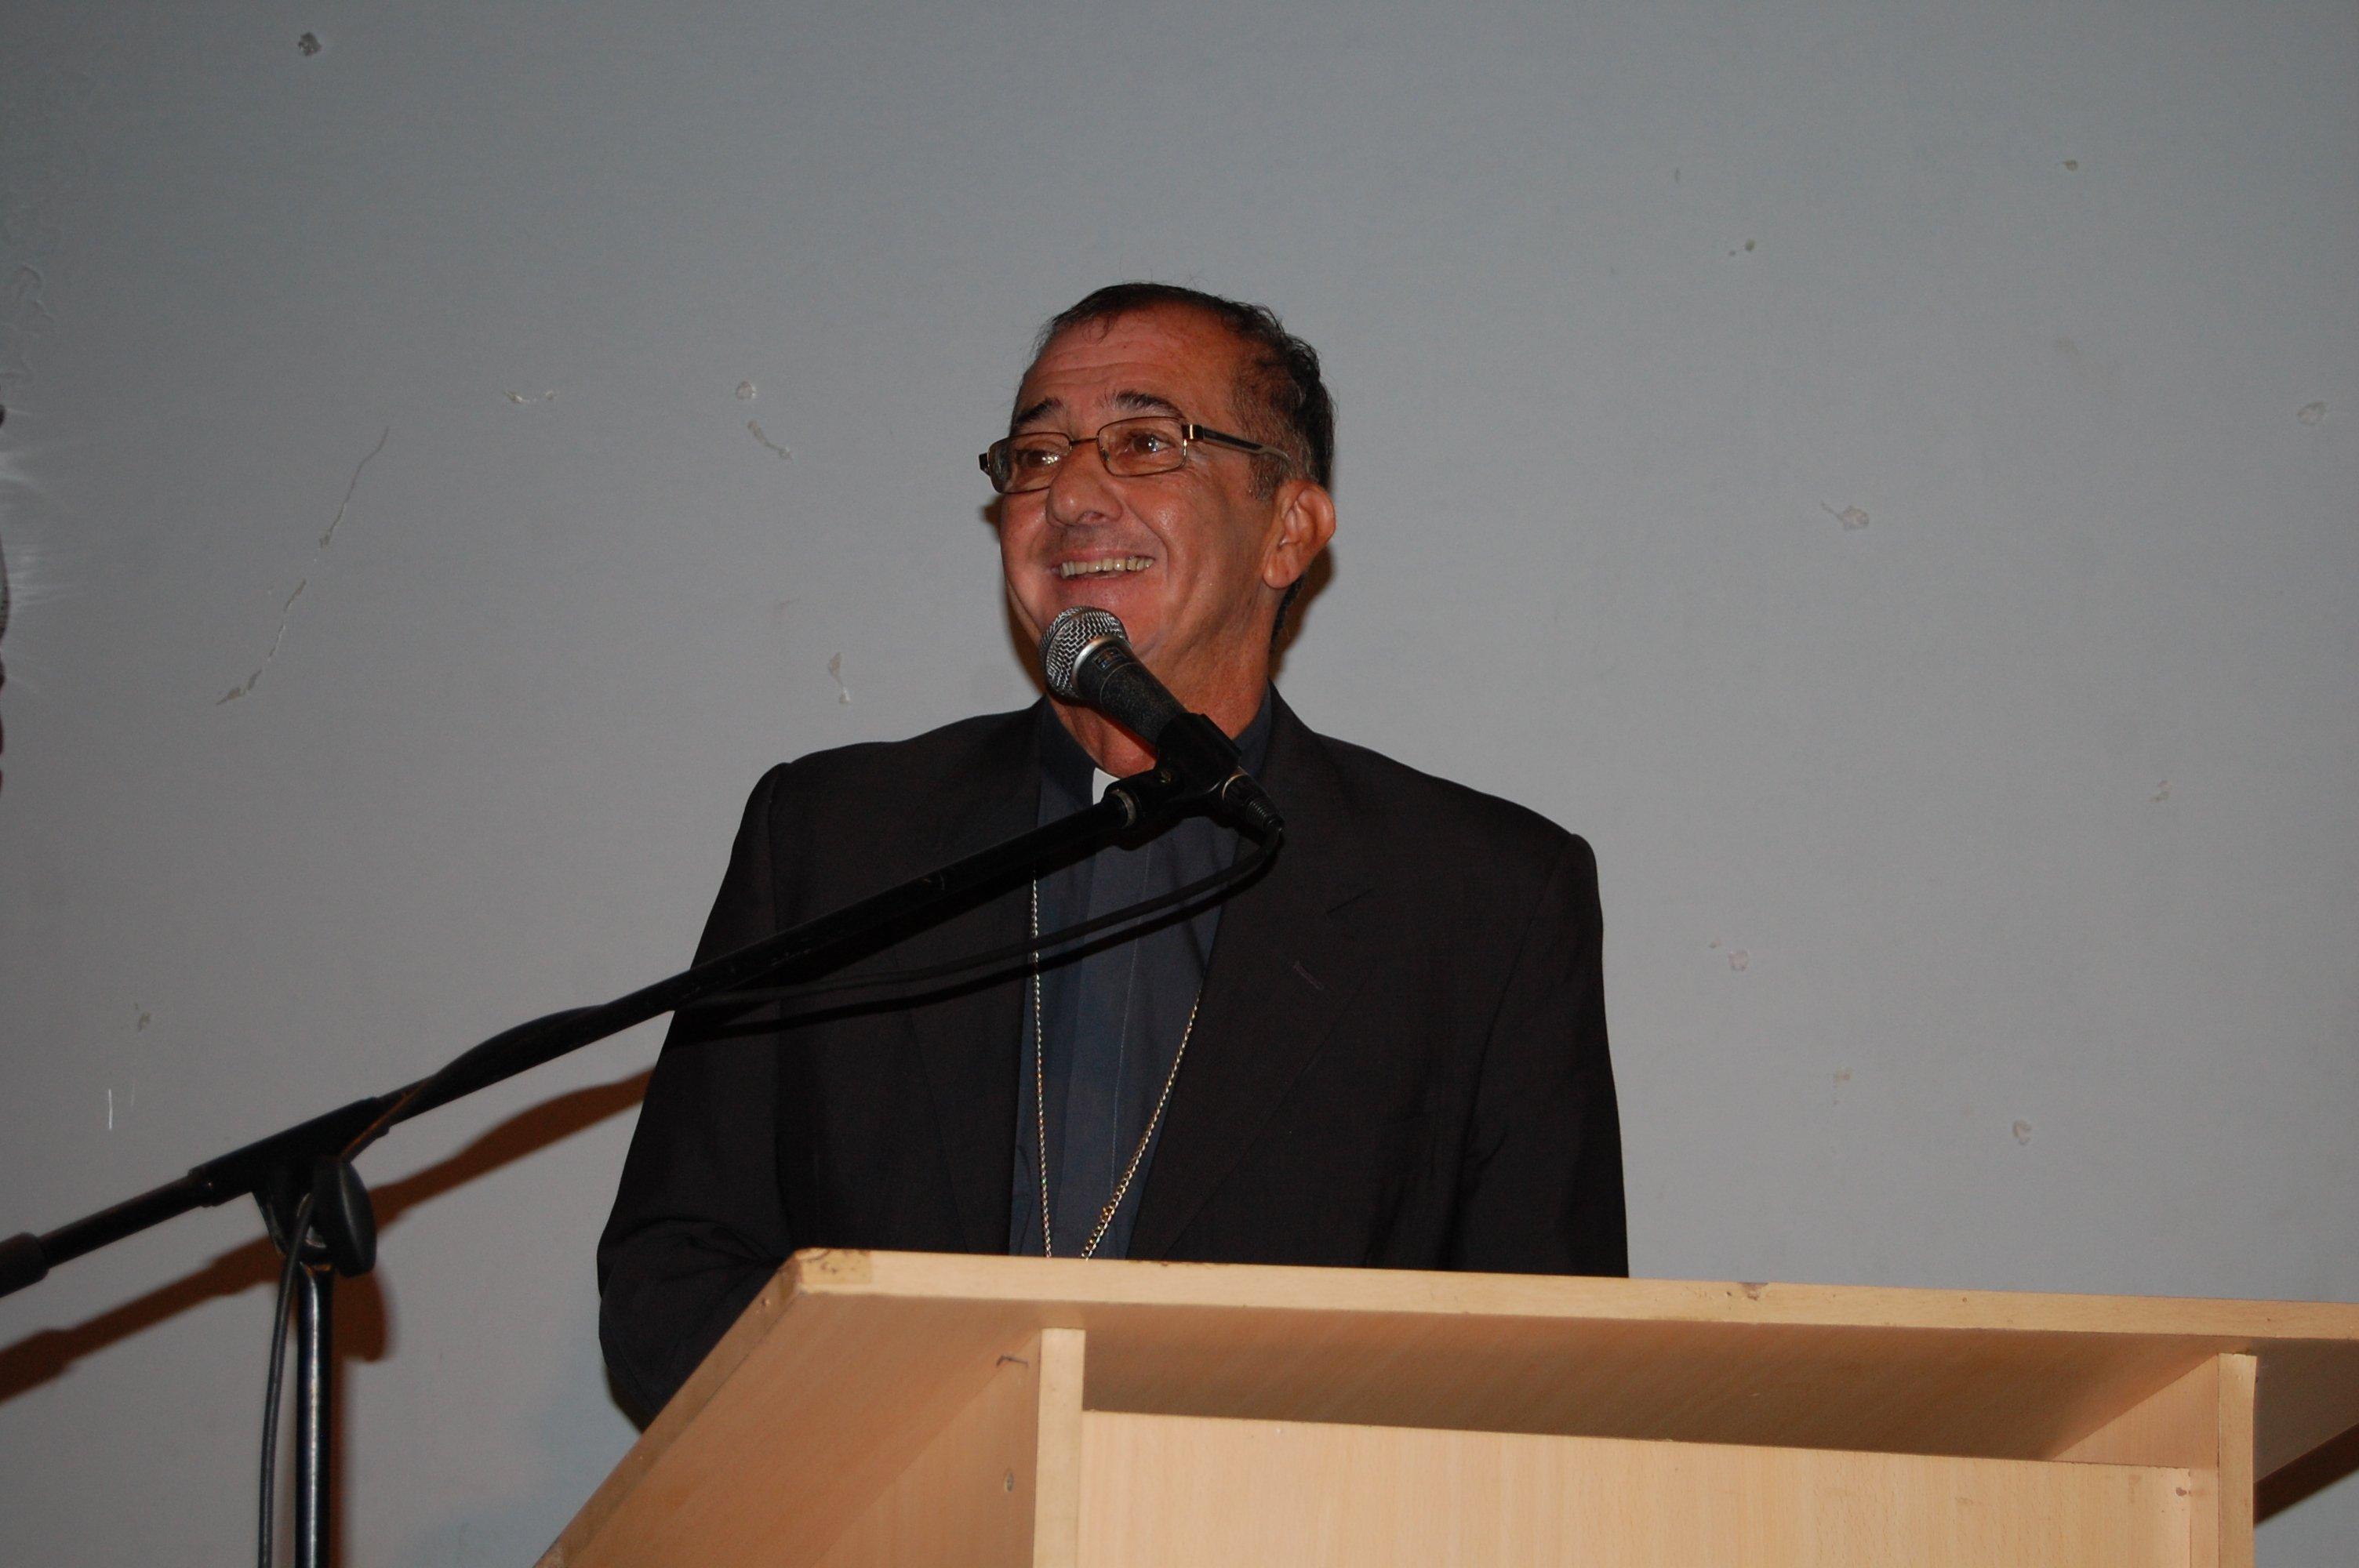 Pobreza: «no se puede vivir de los subsidios, hay que crear trabajo», afirmó el obispo Martínez